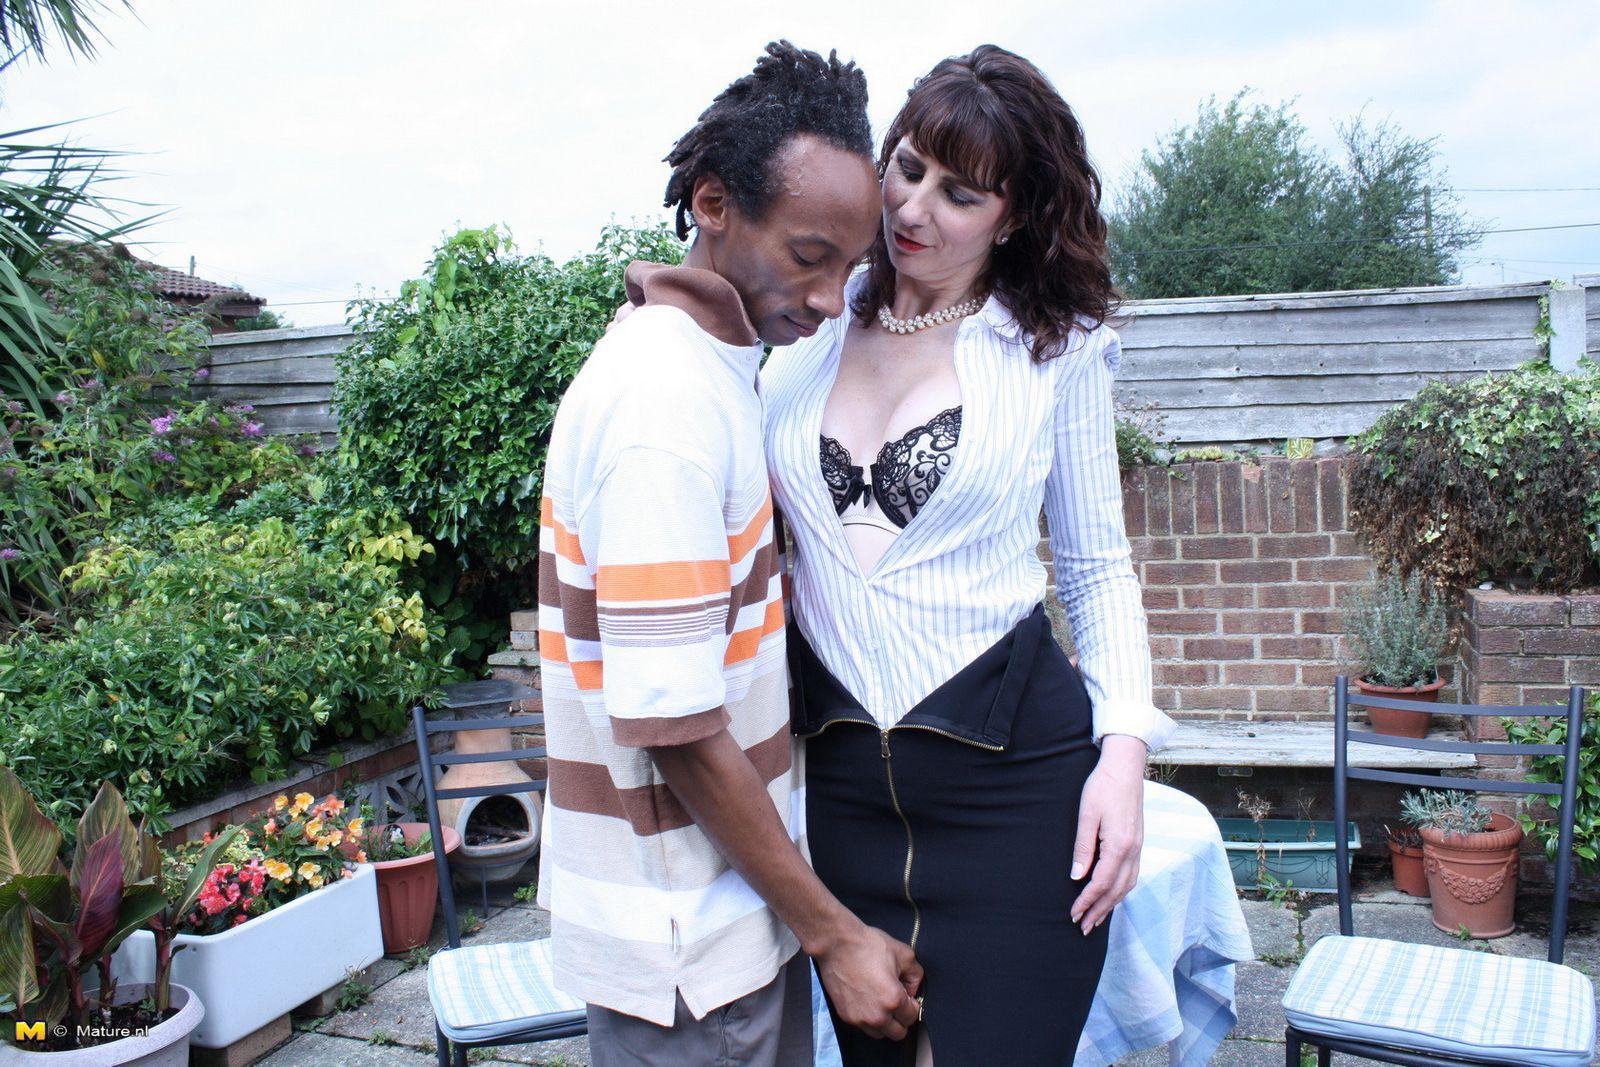 Зрелая темпераментная женщина соблазняет темнокожего мужчину и позволяет себя трогать